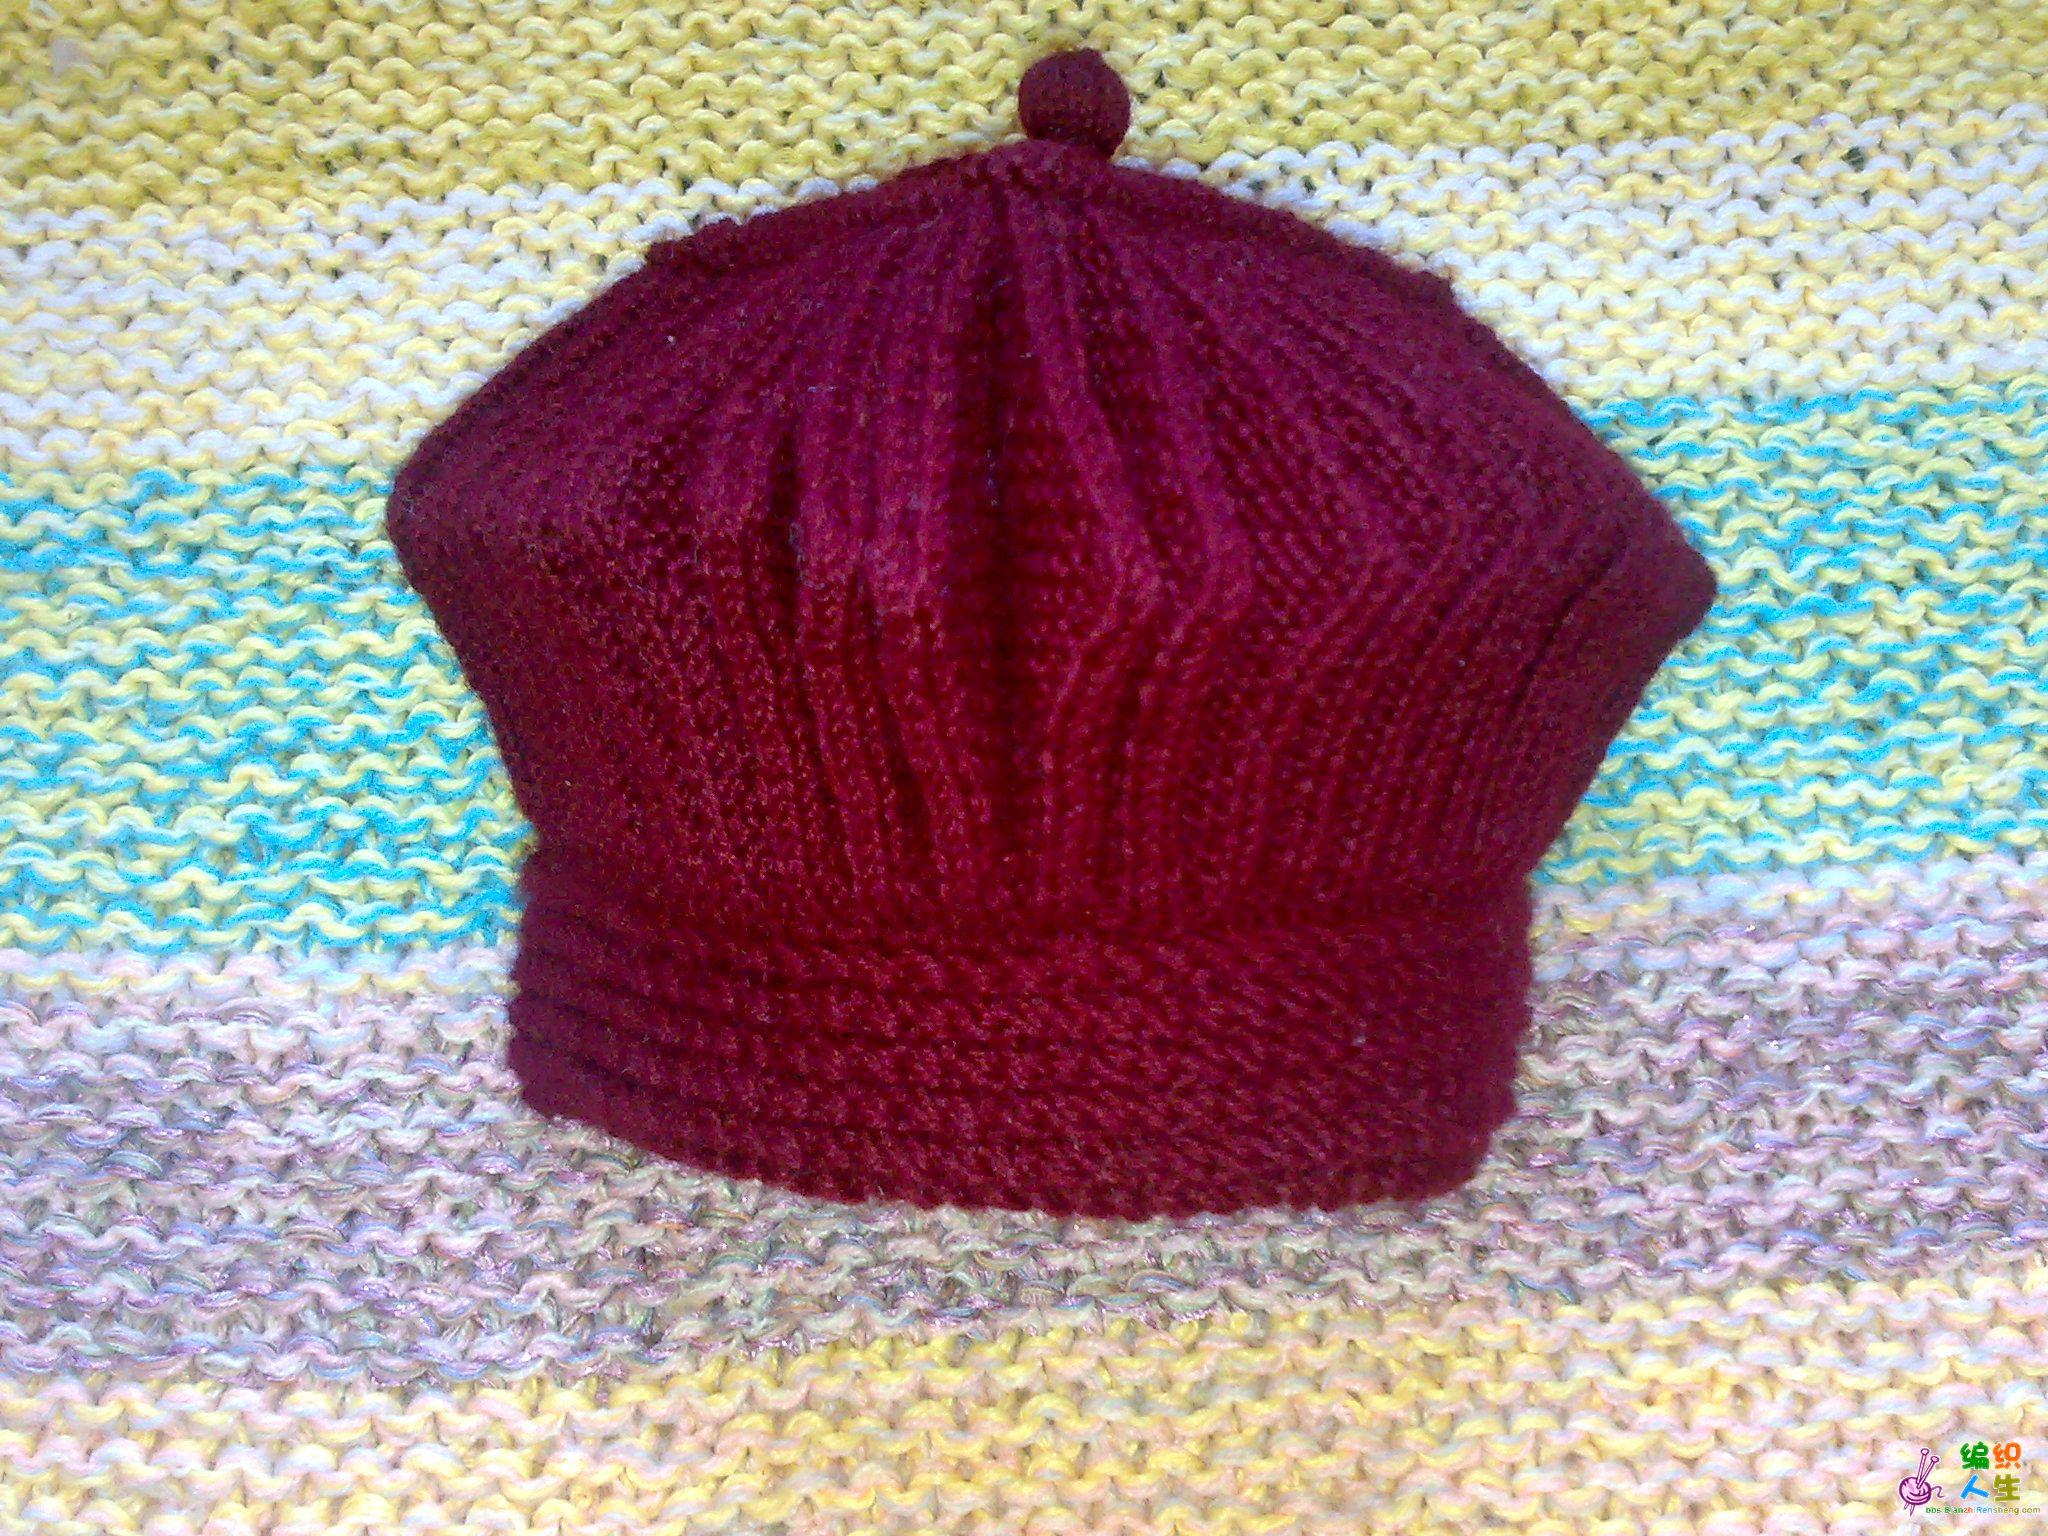 编织人生怎样织帽子_给婆婆织的帽子_编织人生论坛